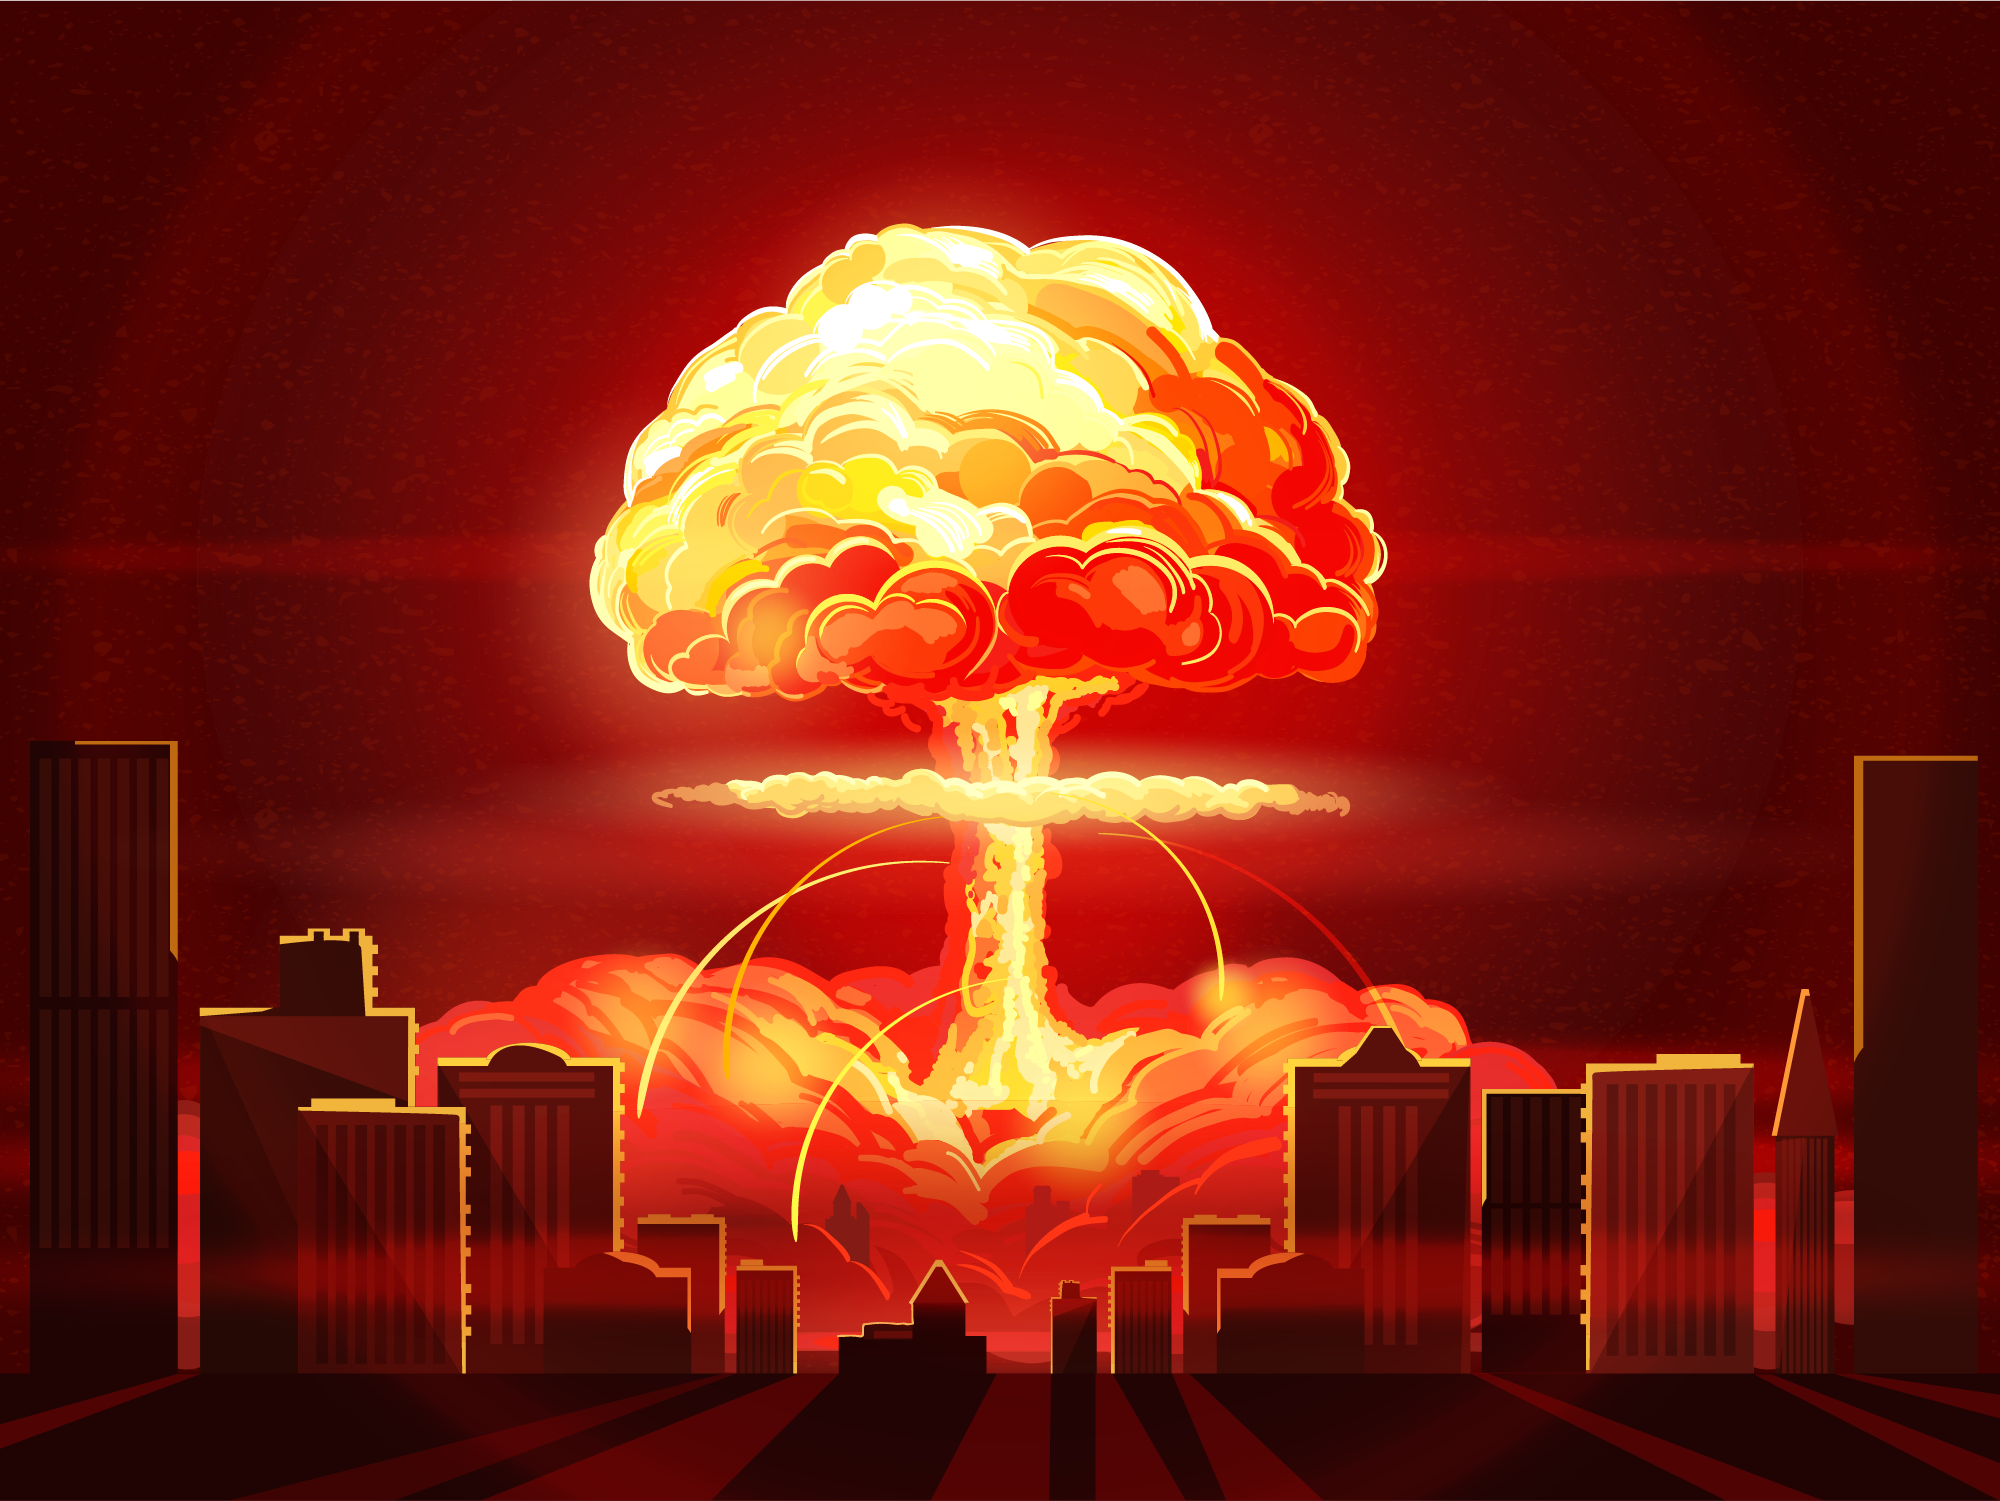 ヨハネの黙示録?世界各地で相次ぐ大爆発...各国の頭文字をつなぐと....